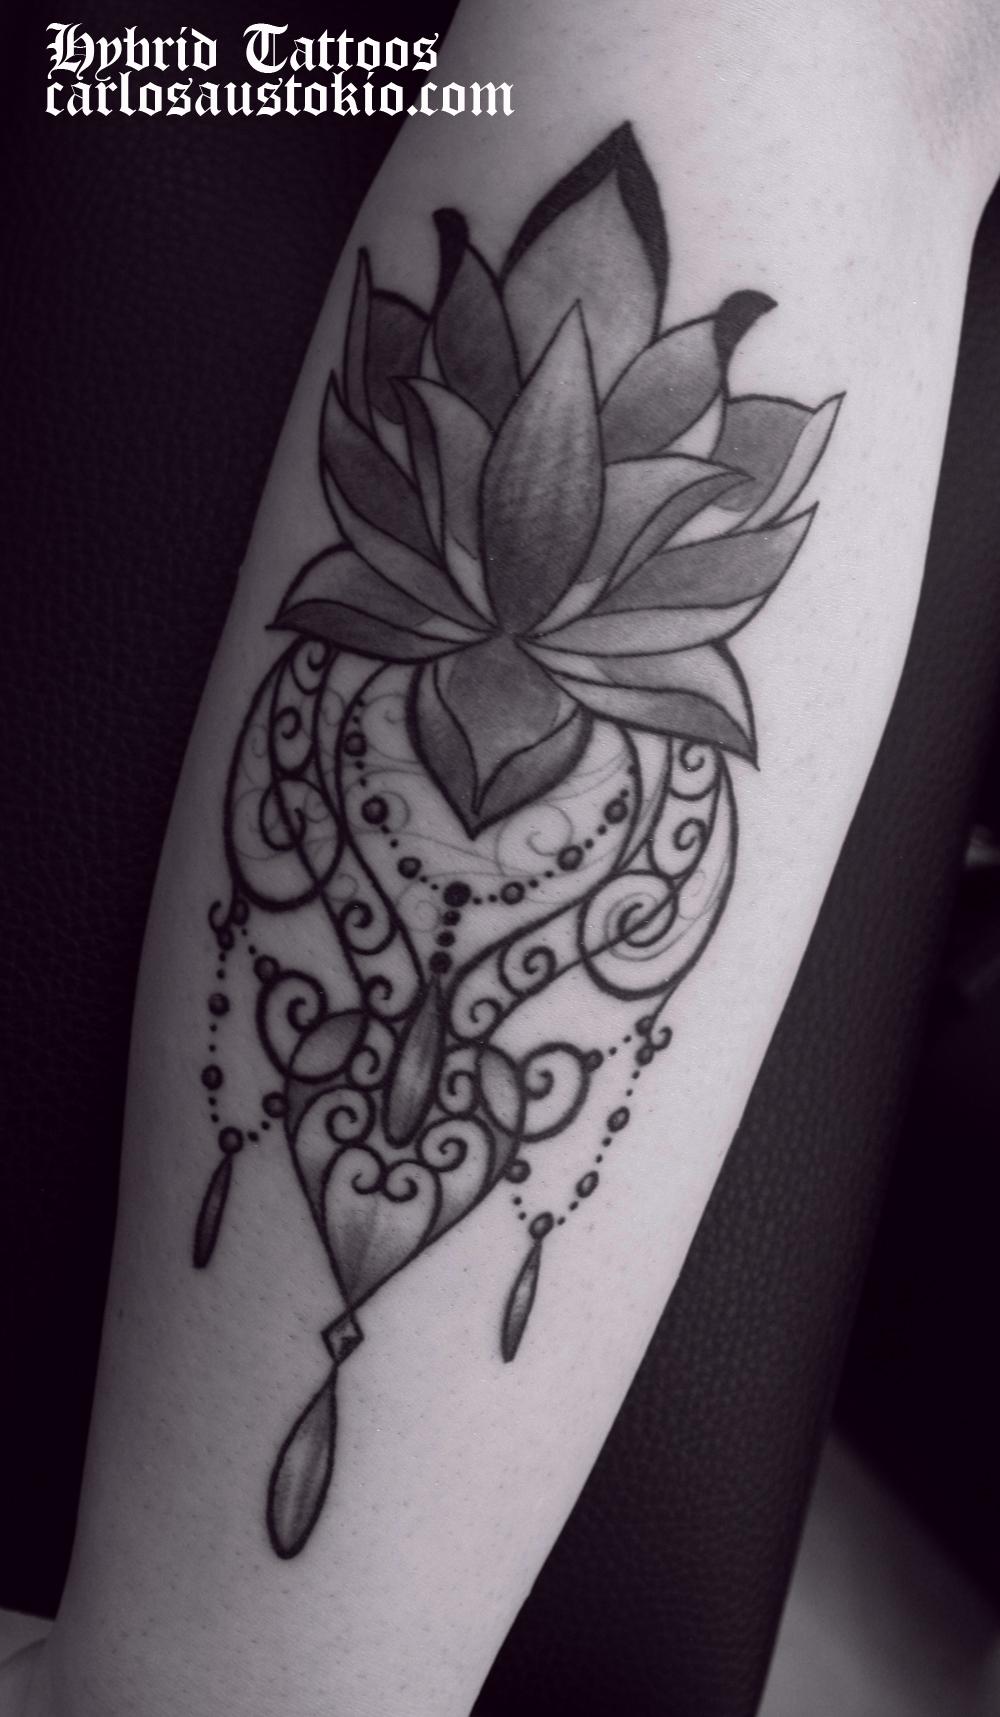 carlos aus tokio deutschland tattoo4